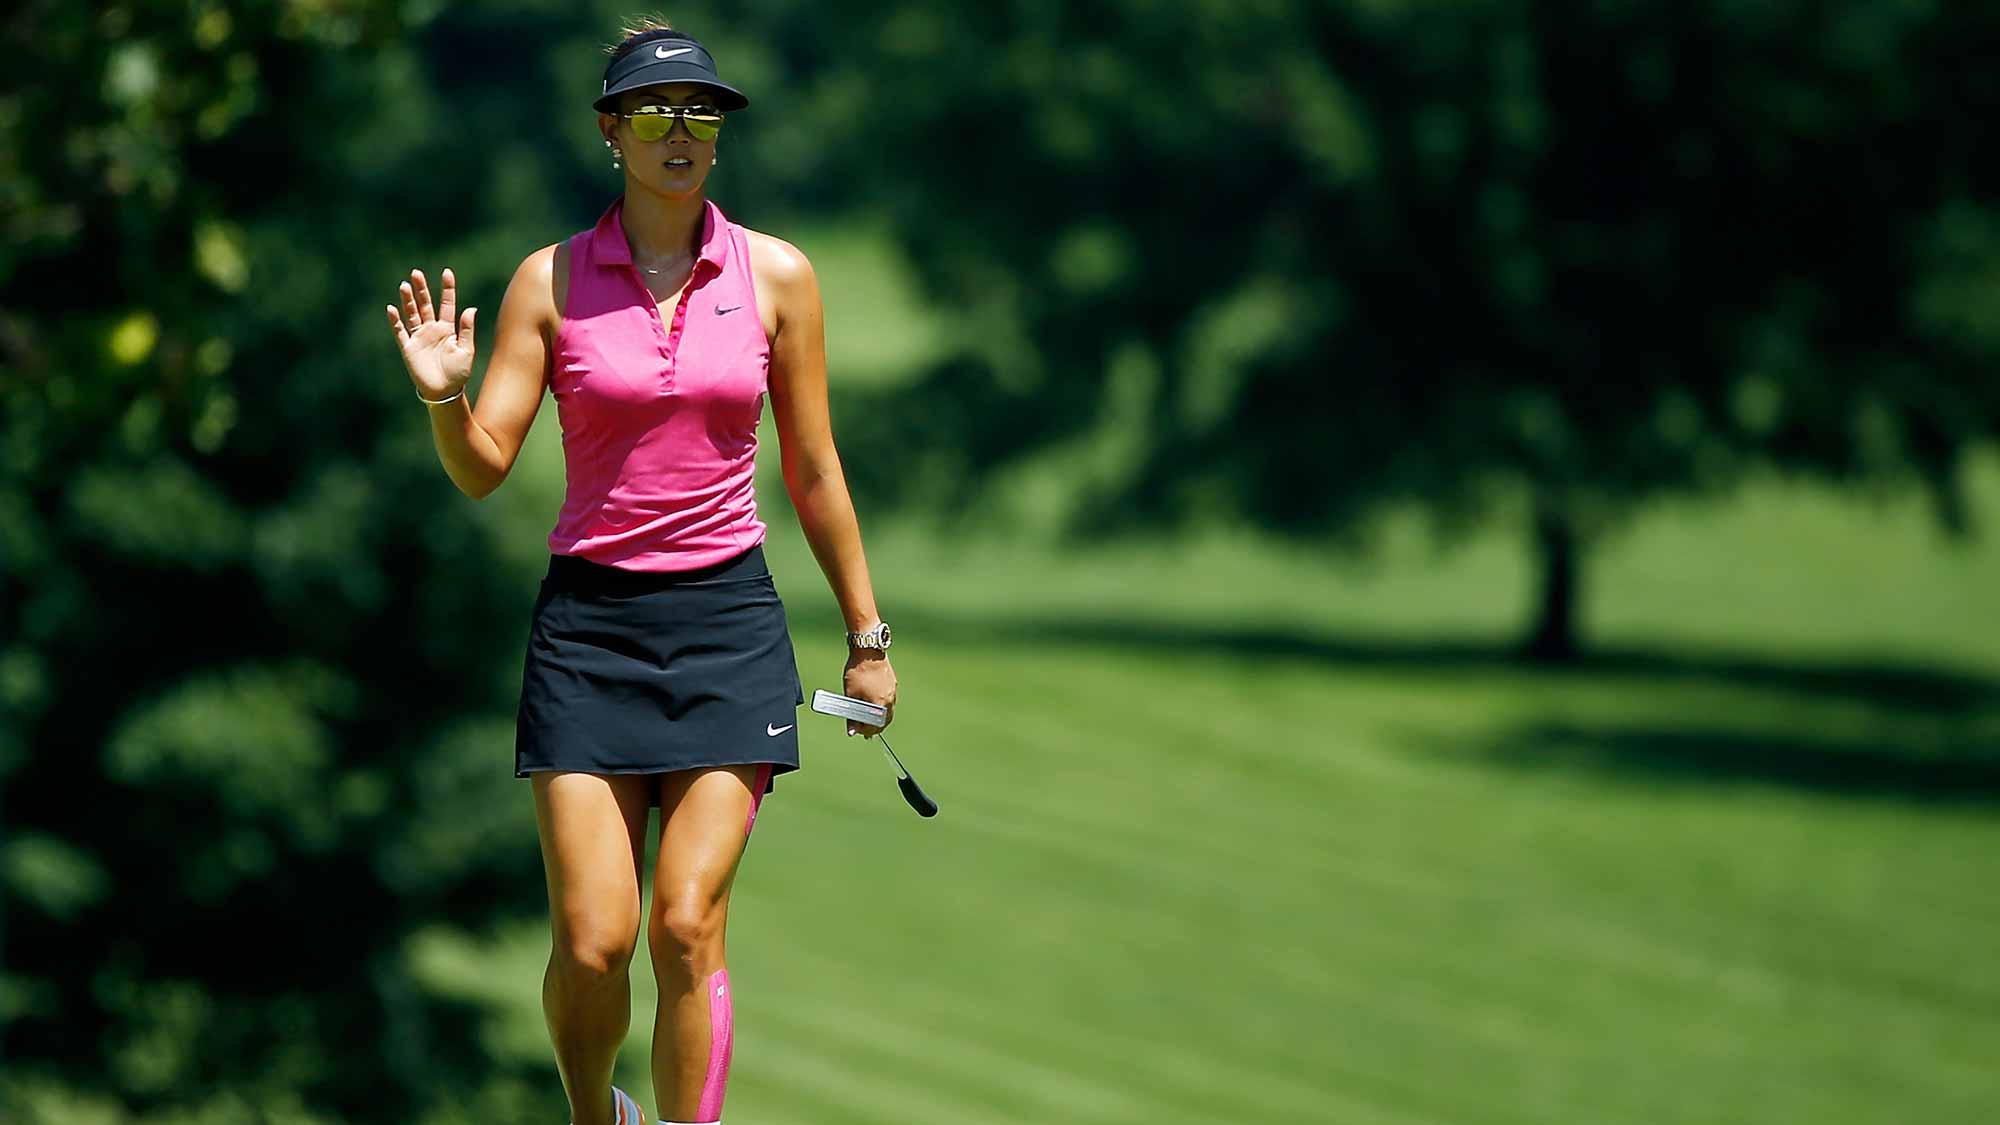 Watch Michelle Wie 1 LPGA major video